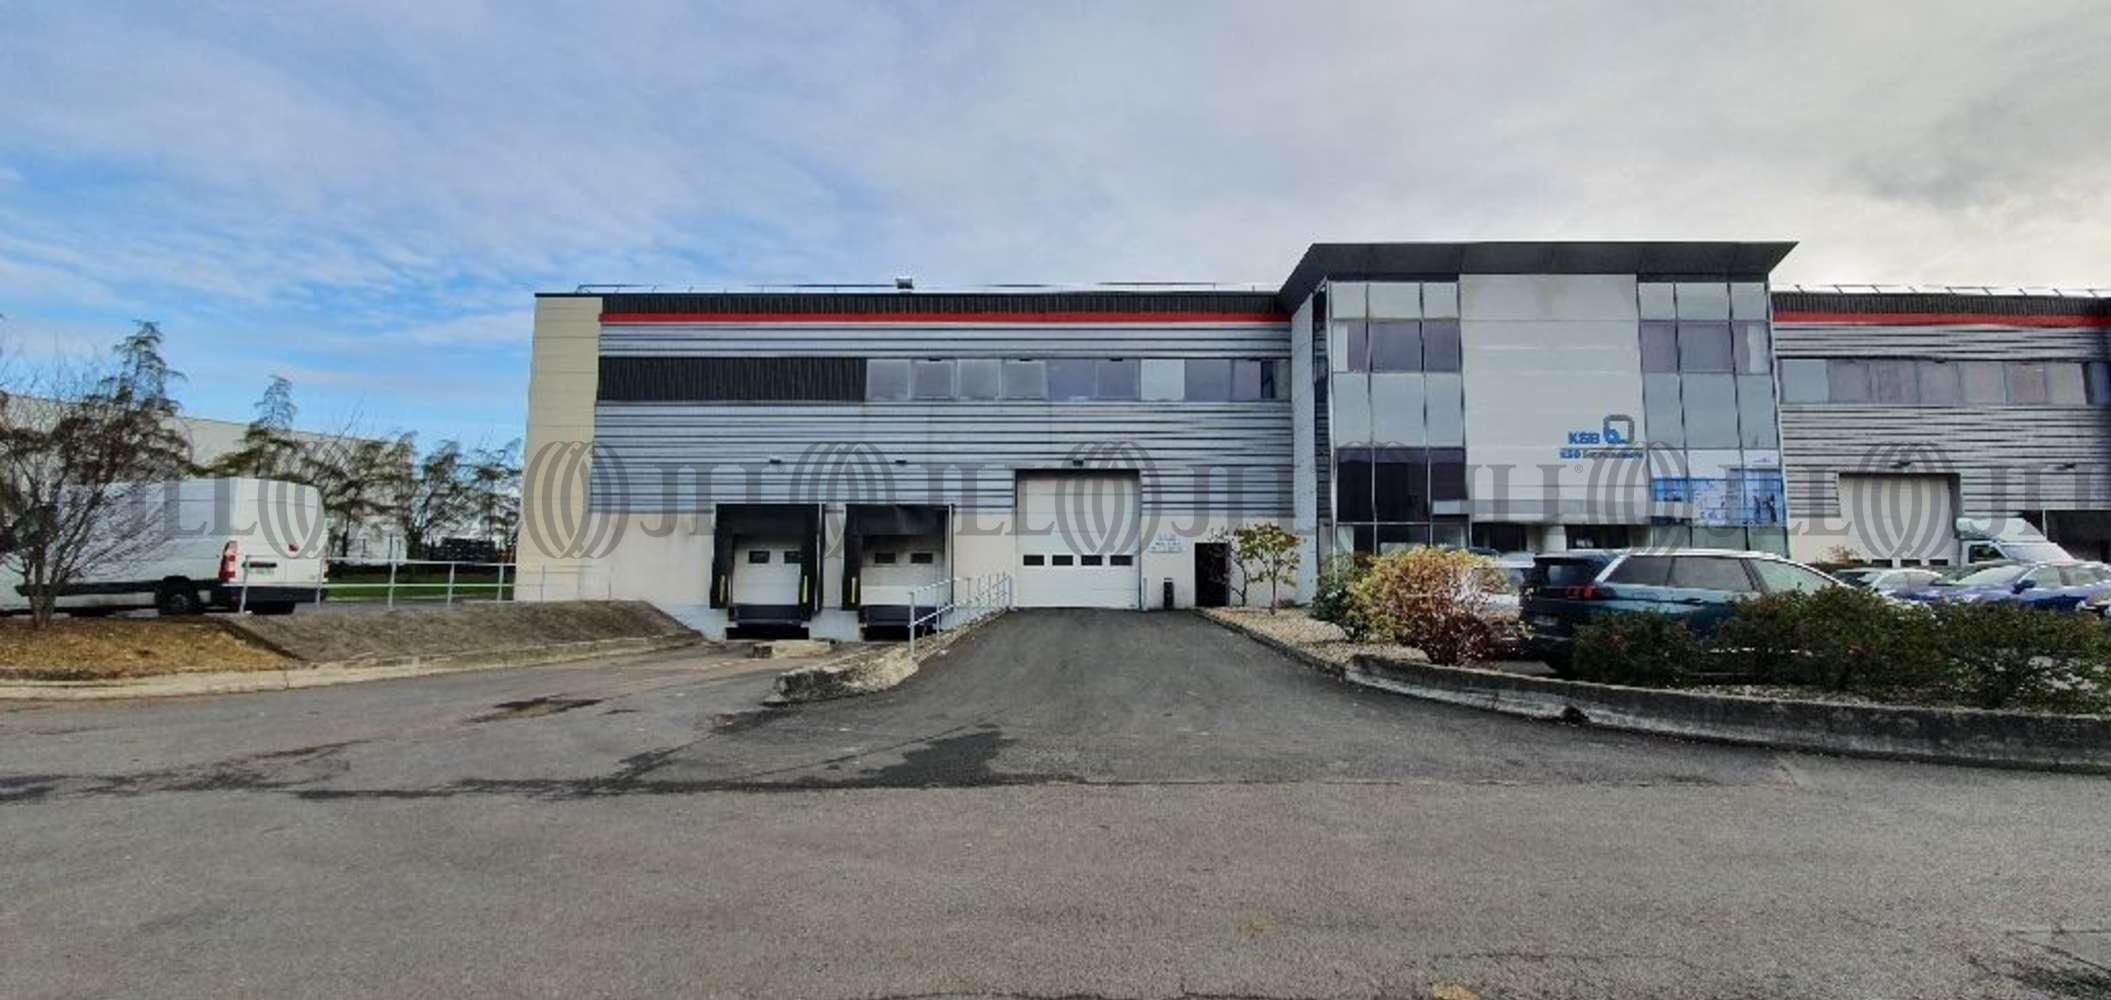 Activités/entrepôt Mitry mory, 77290 - LA VILLETTE AUX AULNES